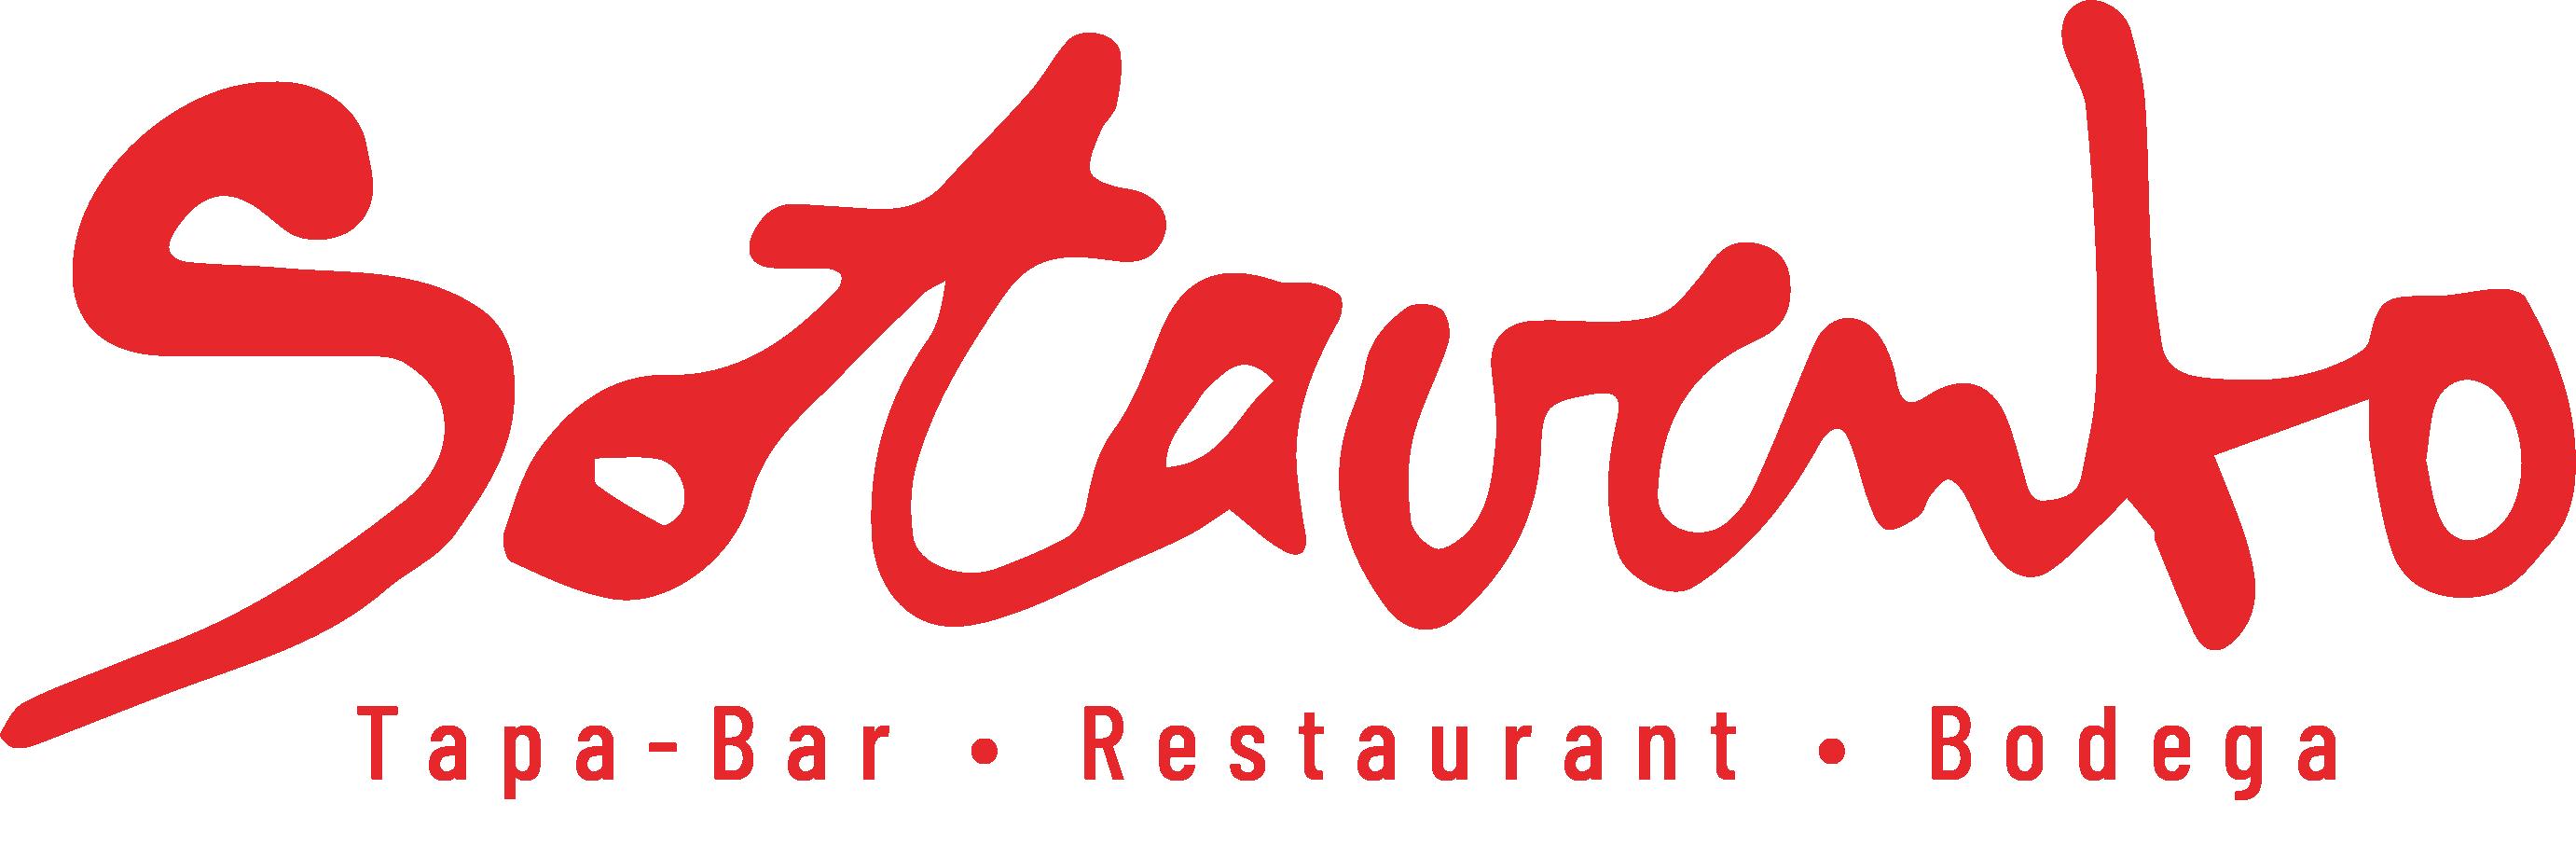 Das Logo von Sotavento